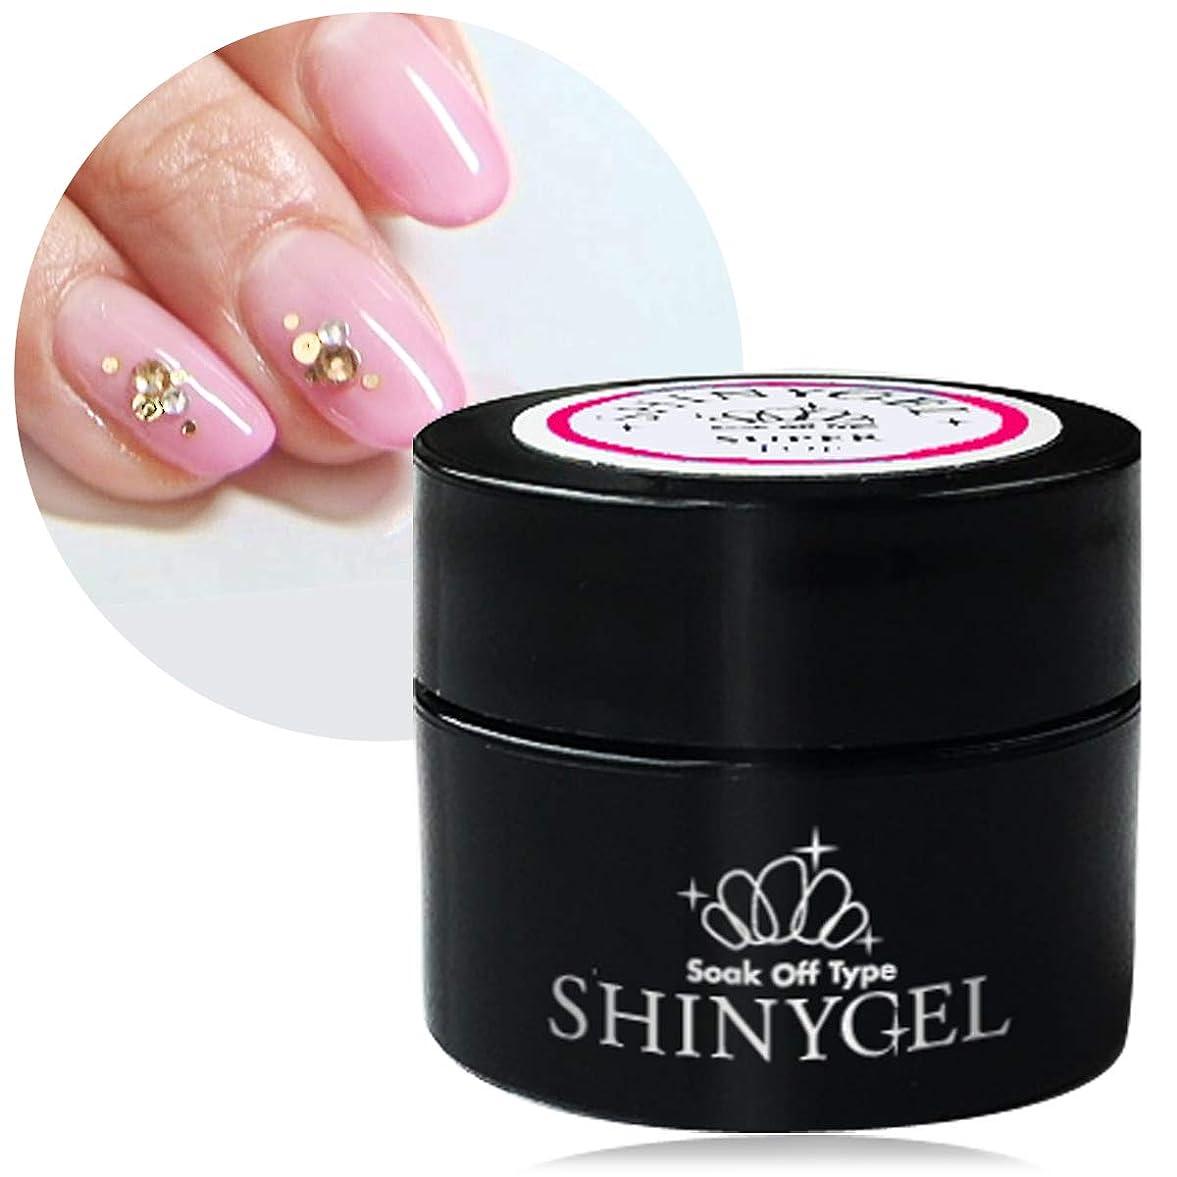 ベスビオ山テレックスまつげ[UV/LED対応○] SHINYGEL シャイニージェル スーパートップ/5g <セミハードタイプ>爪にやさしく 極上のツヤとうっとりする透明感 100%純国産原料使用